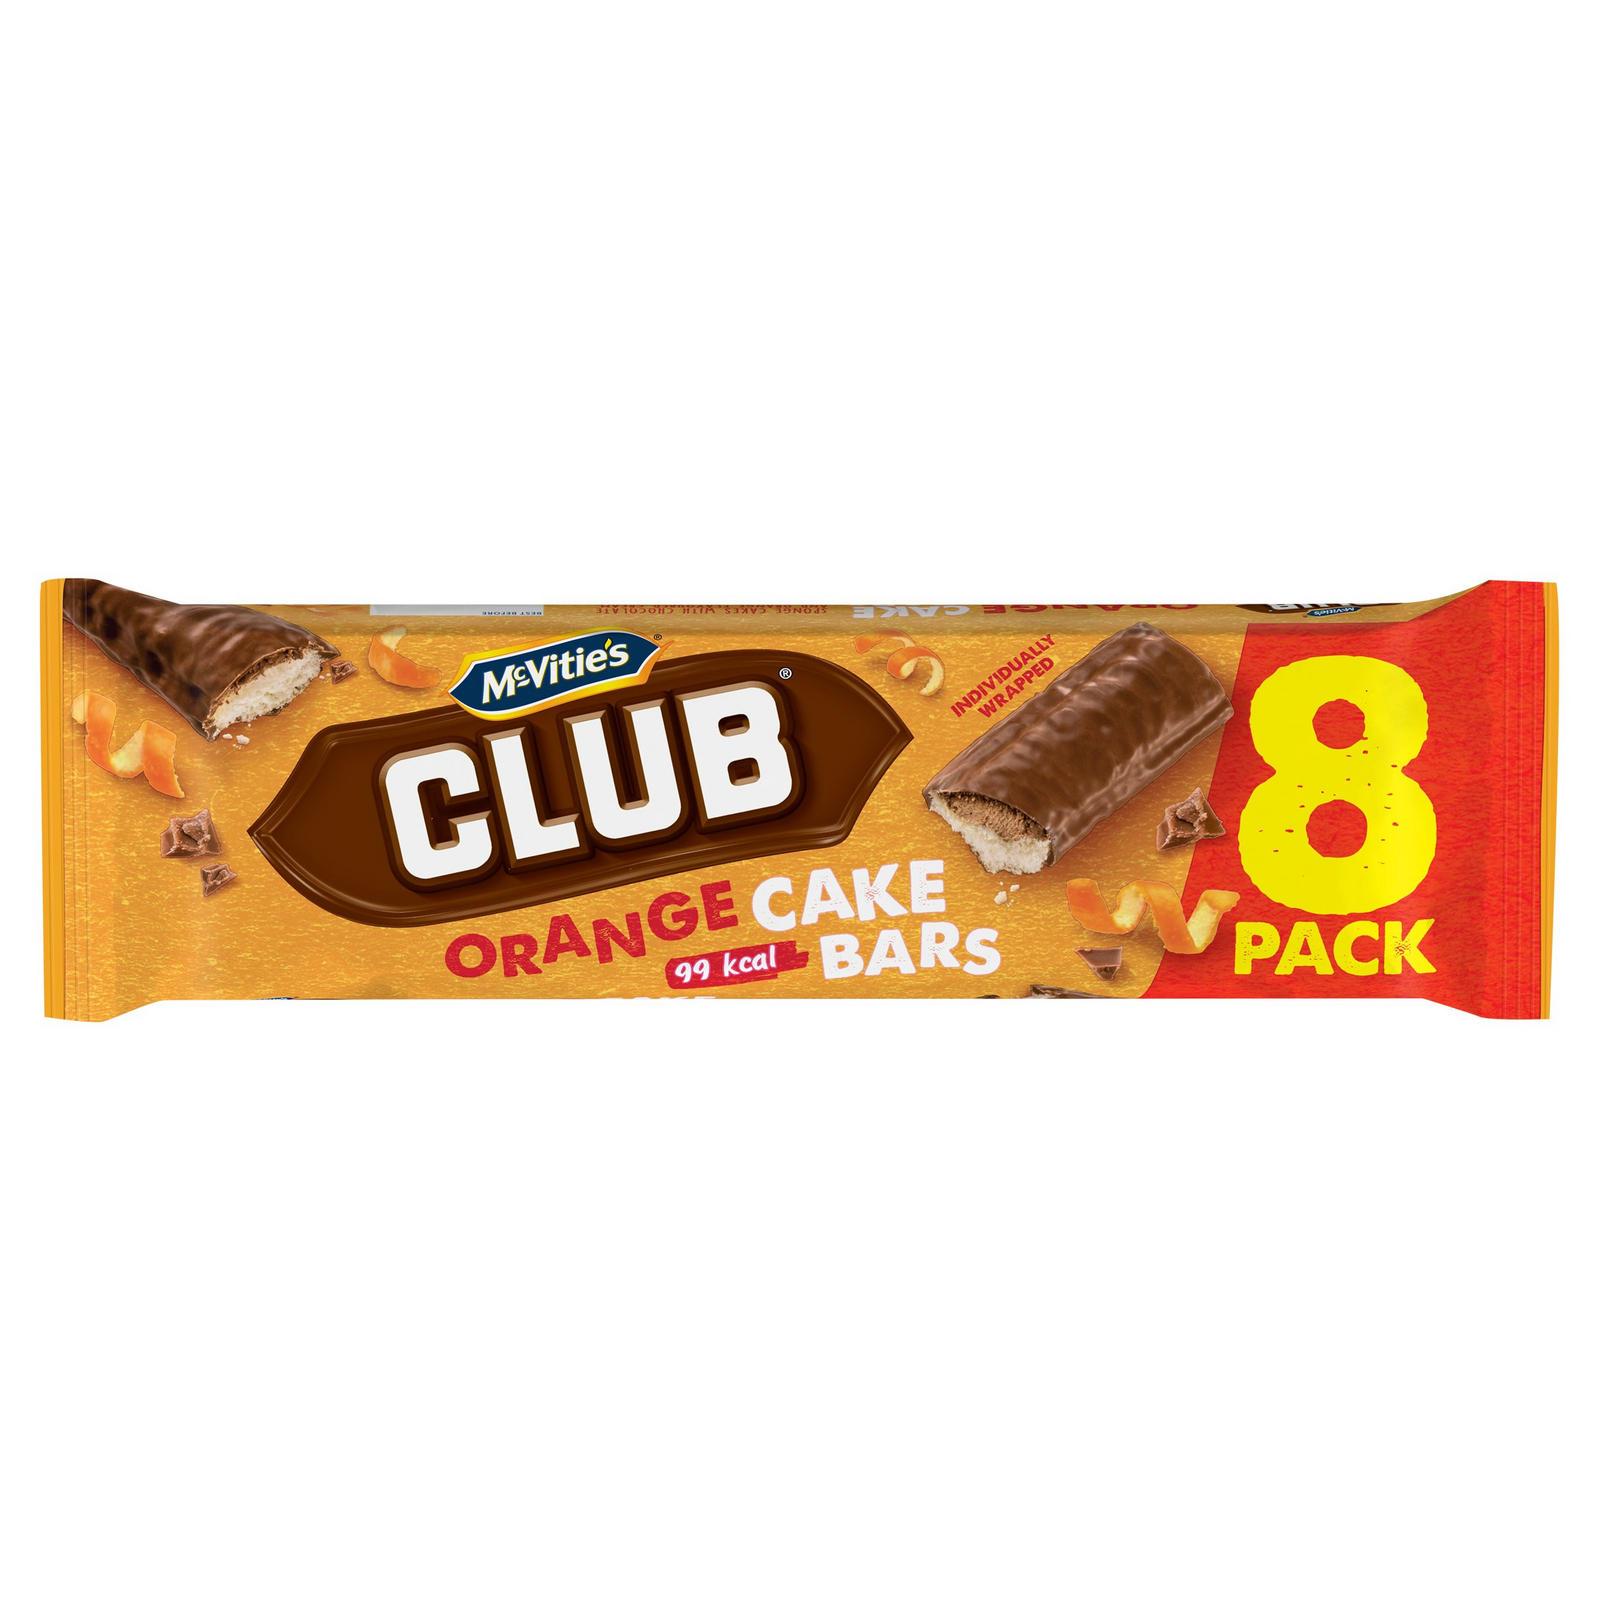 Mcvities Club 8 Orange Cake Bars Mini Rolls Cake Bars